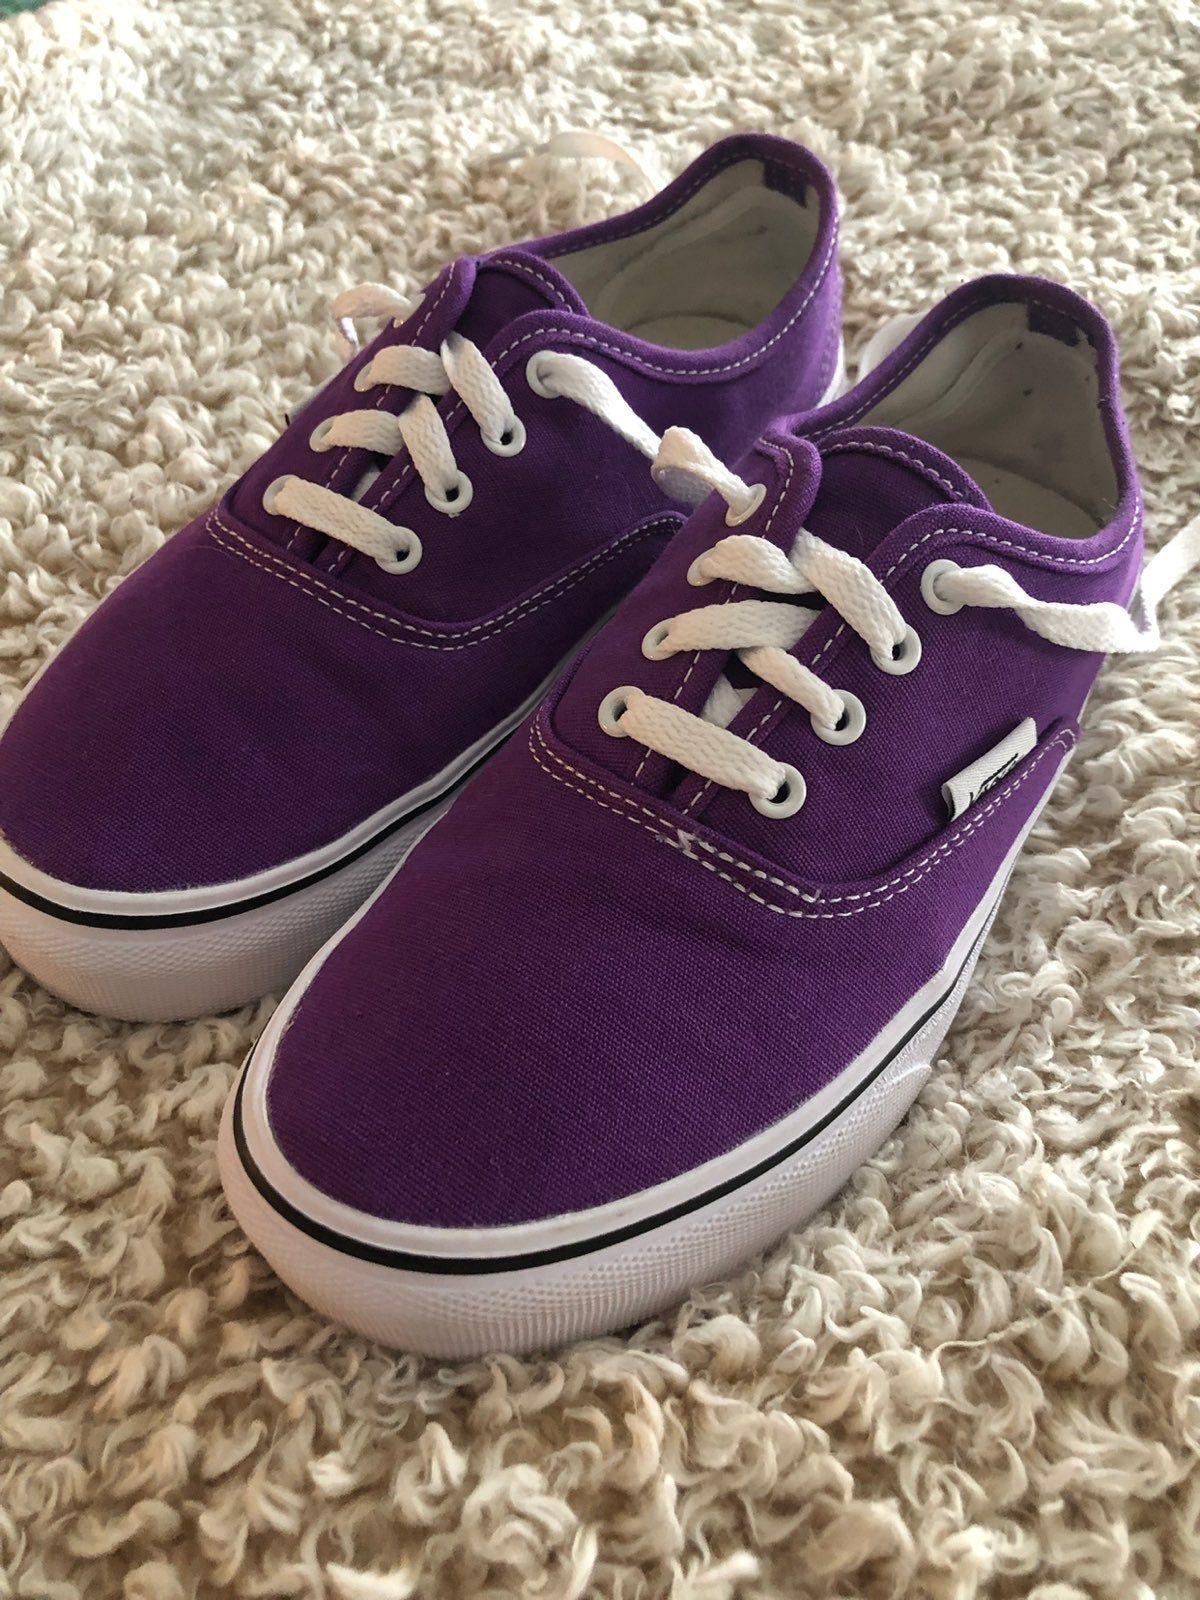 Purple VANs tennis shoes. Super cute